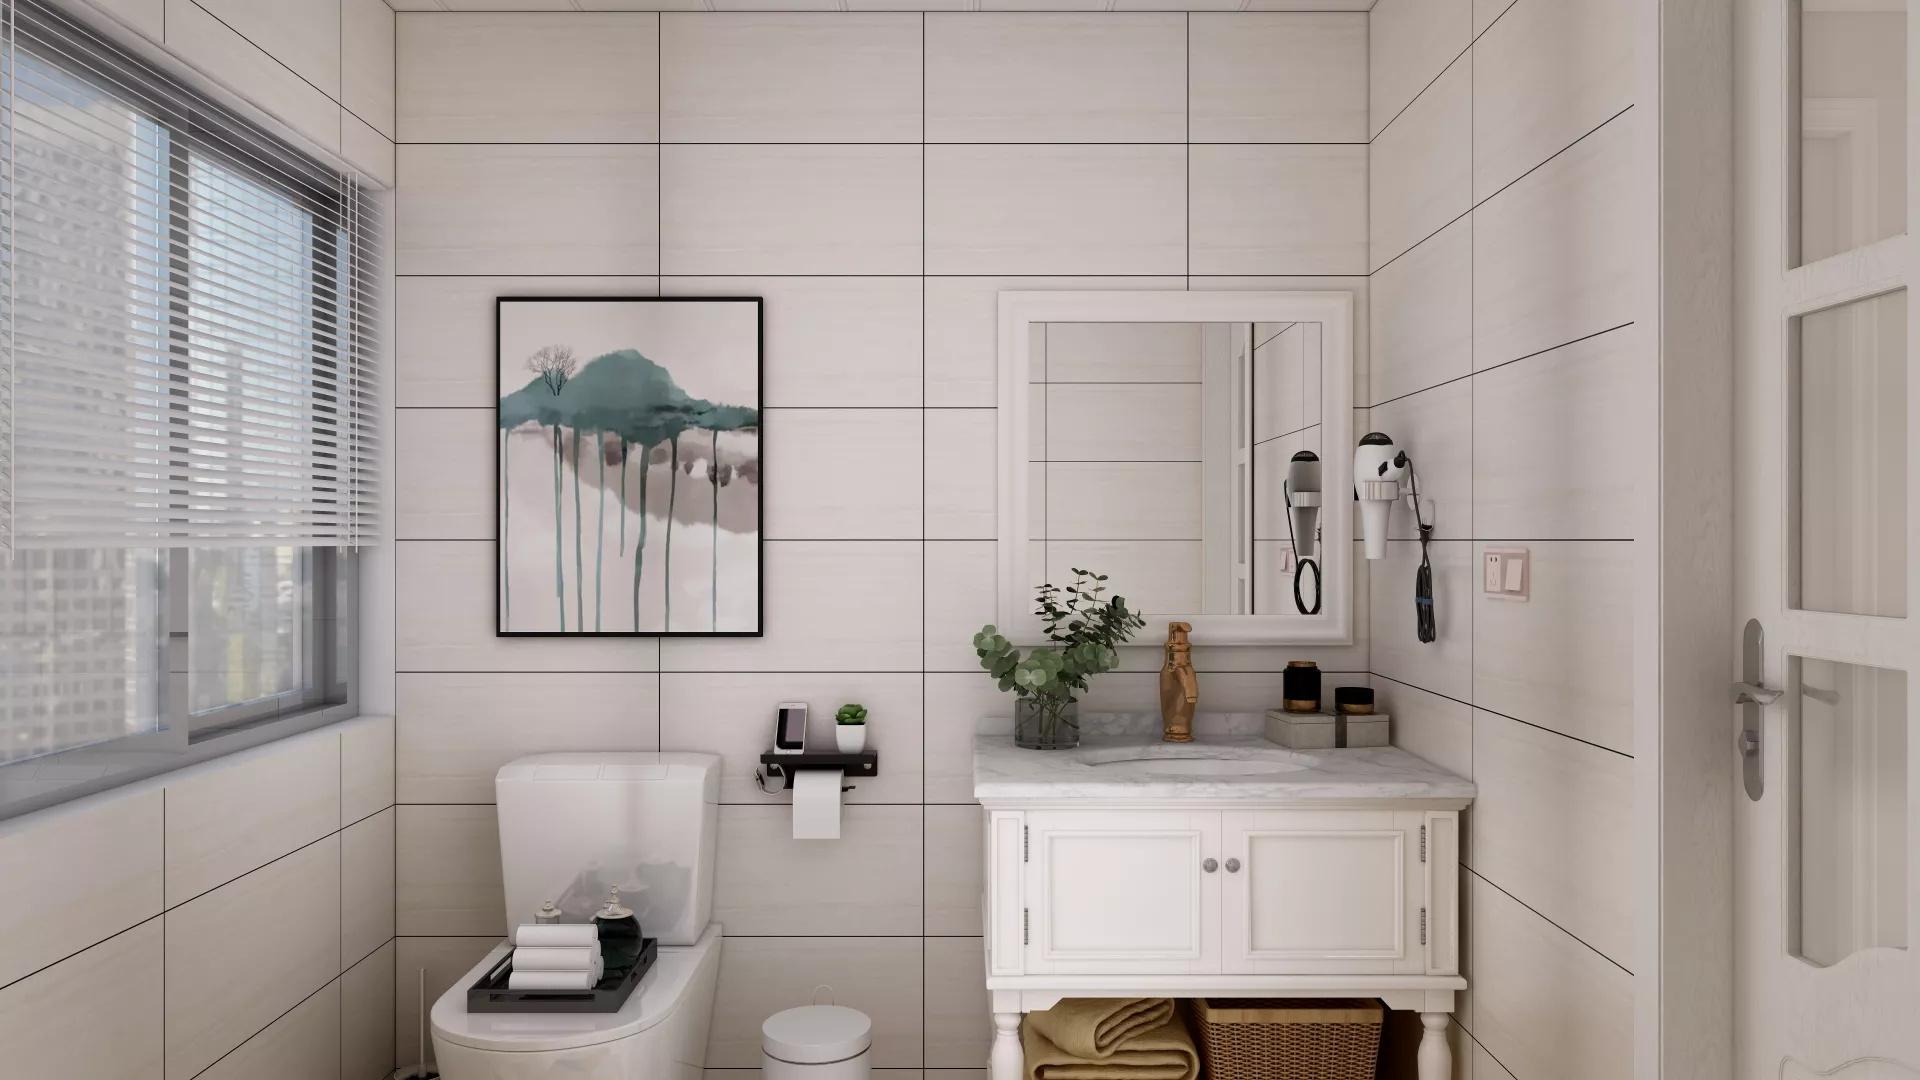 家庭酒柜设计需注意事项 中式酒柜设计特点